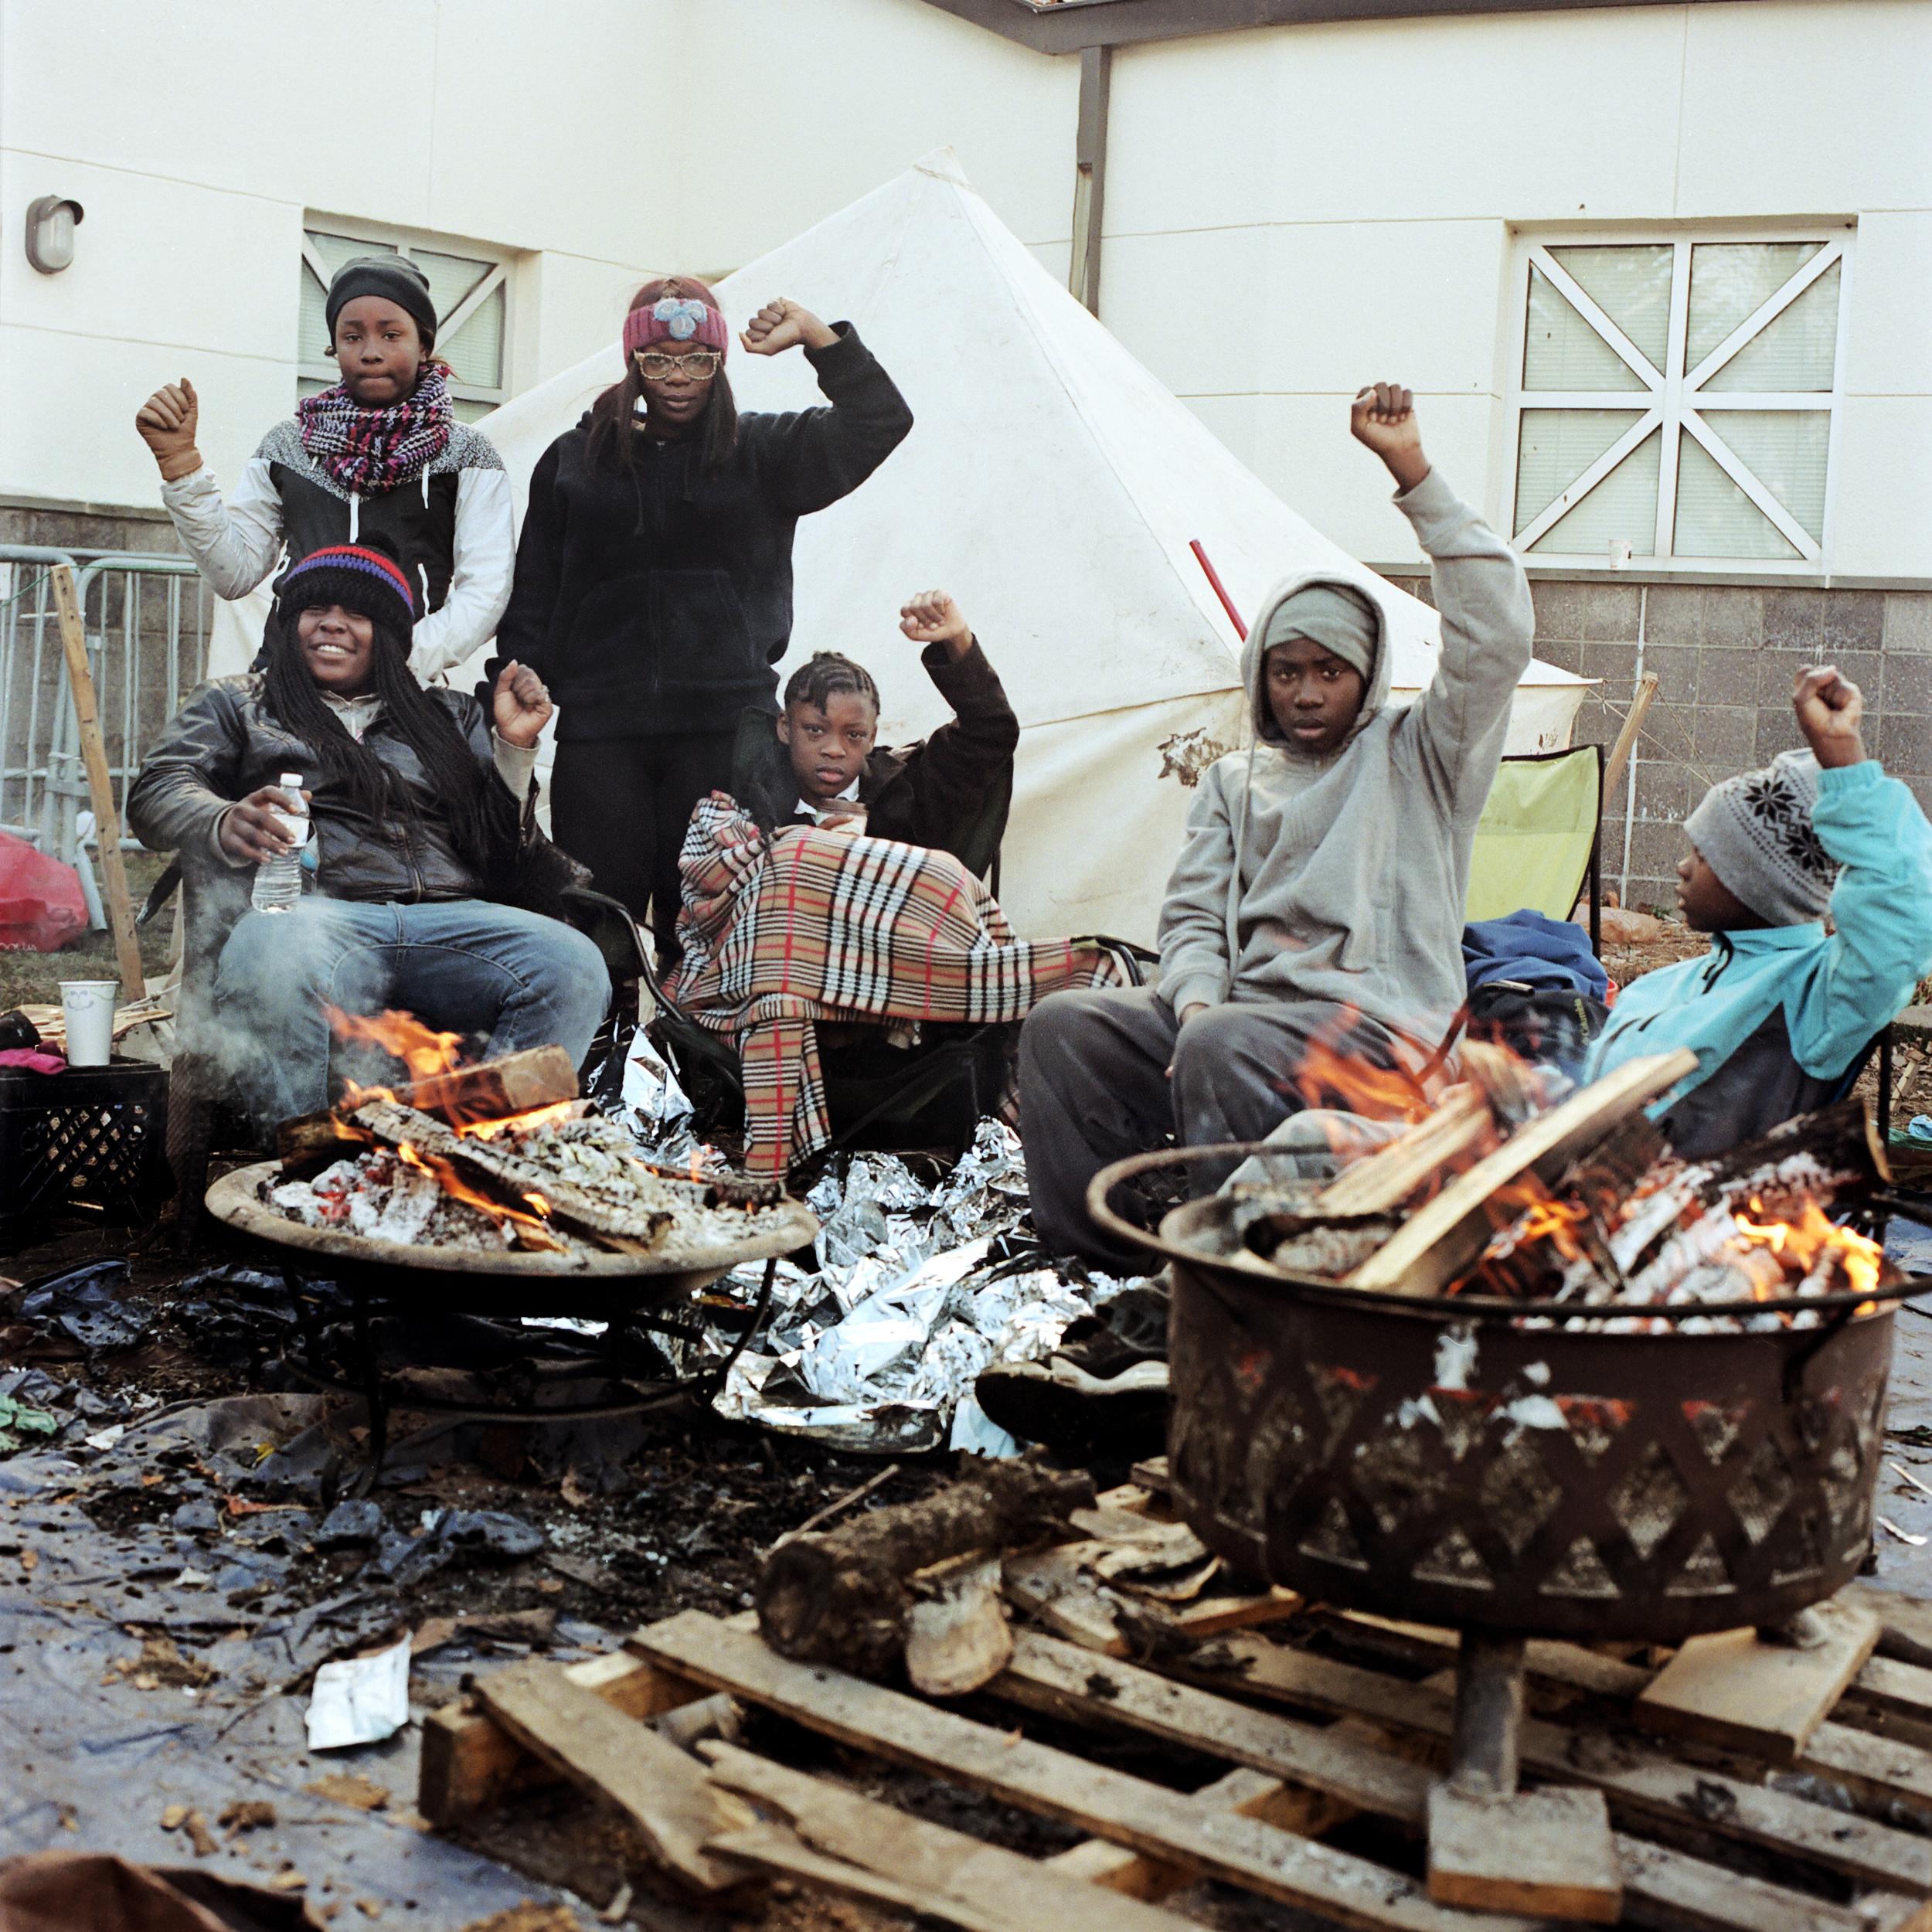 ProtestorGroup1.jpg